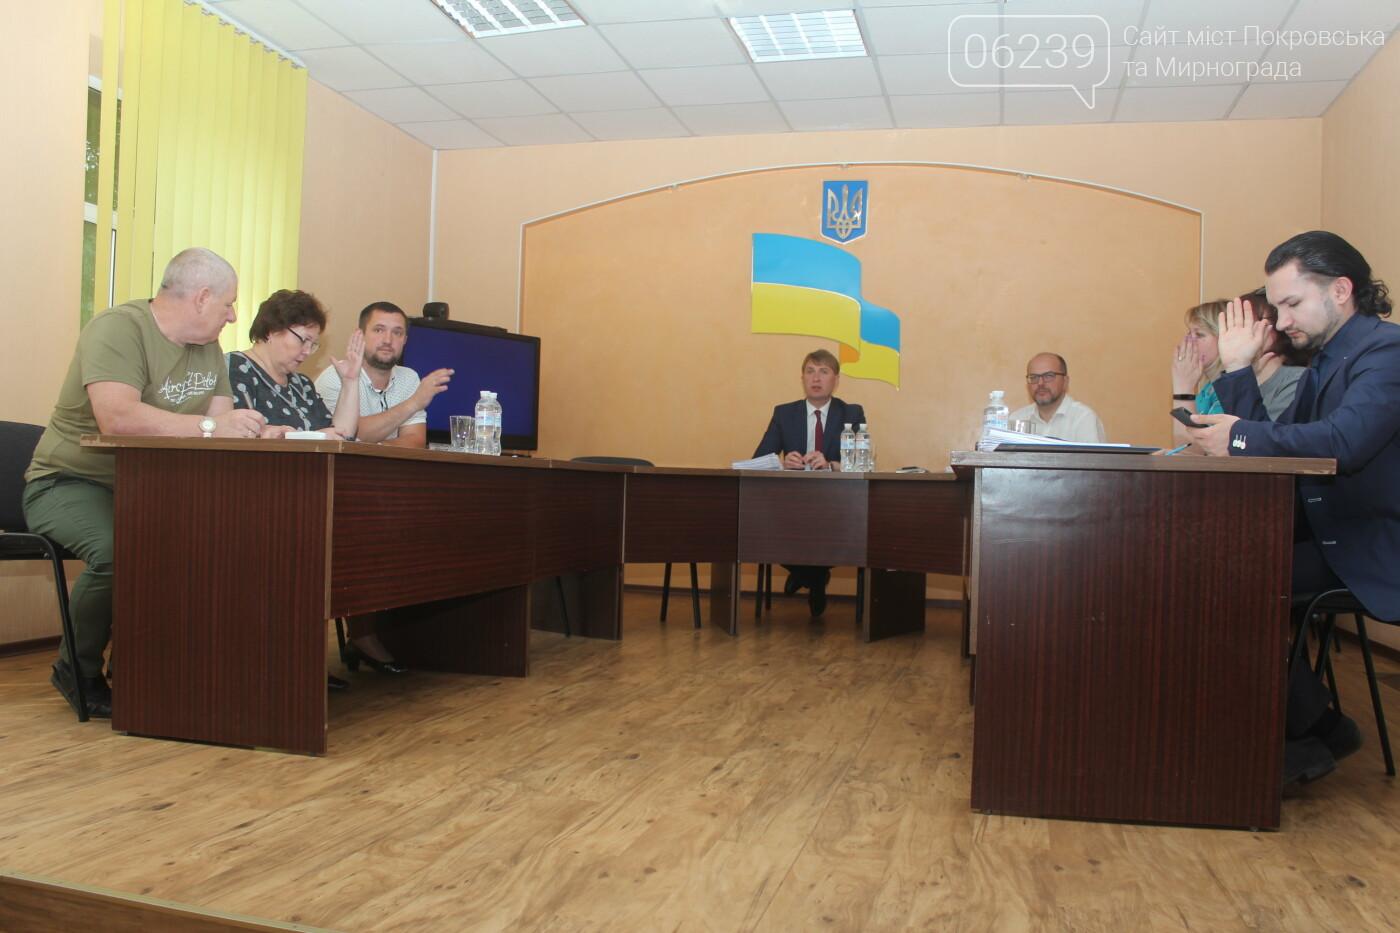 У мирноградского городского головы появится новый советник, фото-2